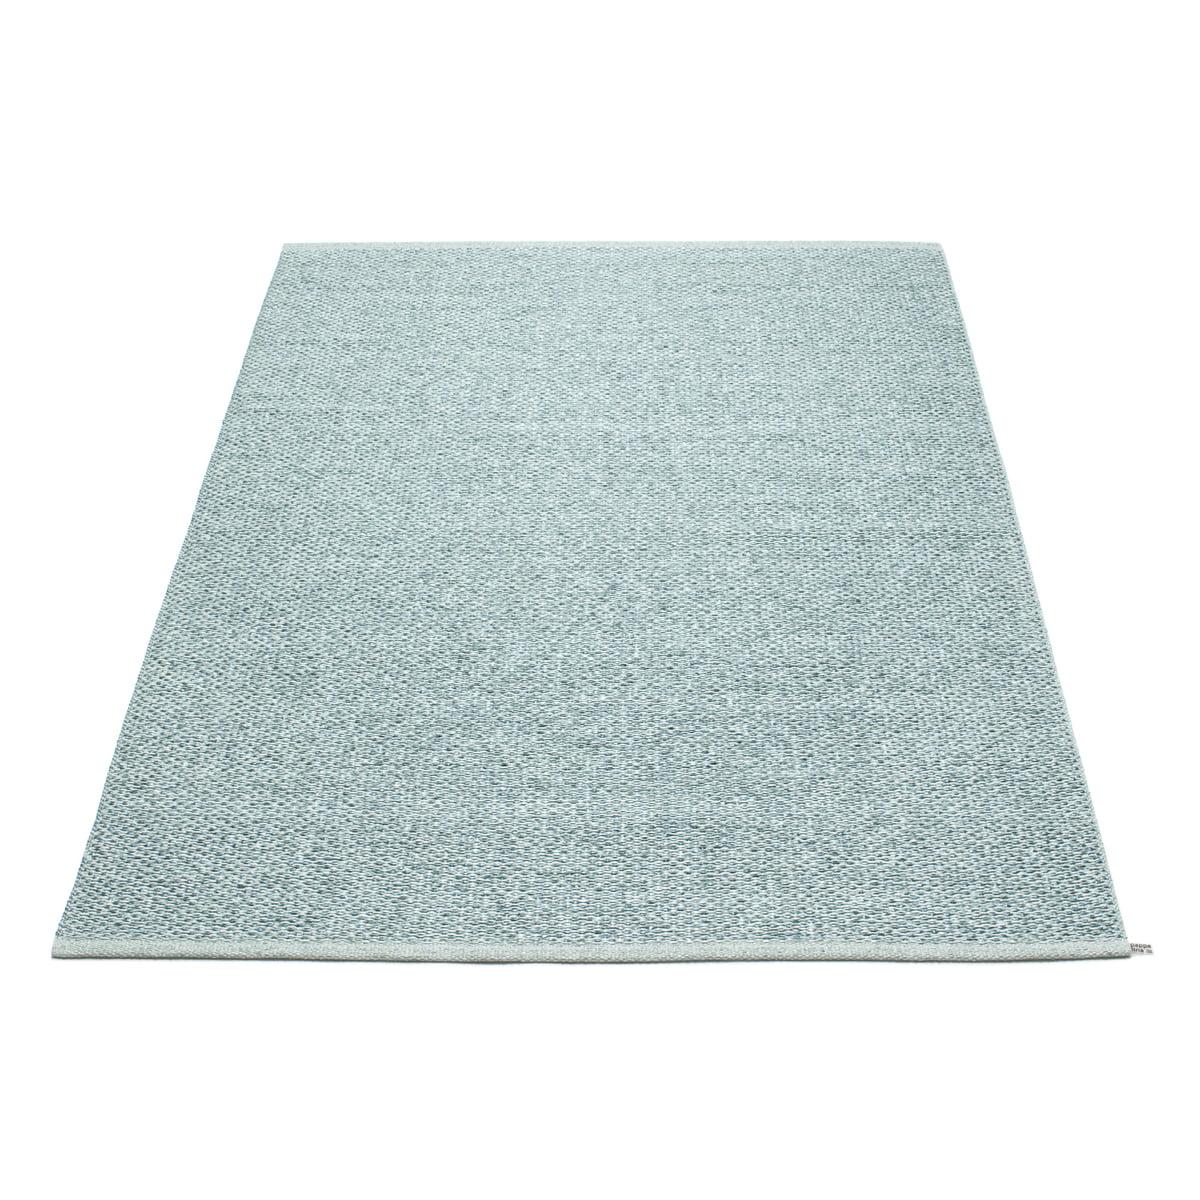 svea outdoor teppich von pappelina bei. Black Bedroom Furniture Sets. Home Design Ideas